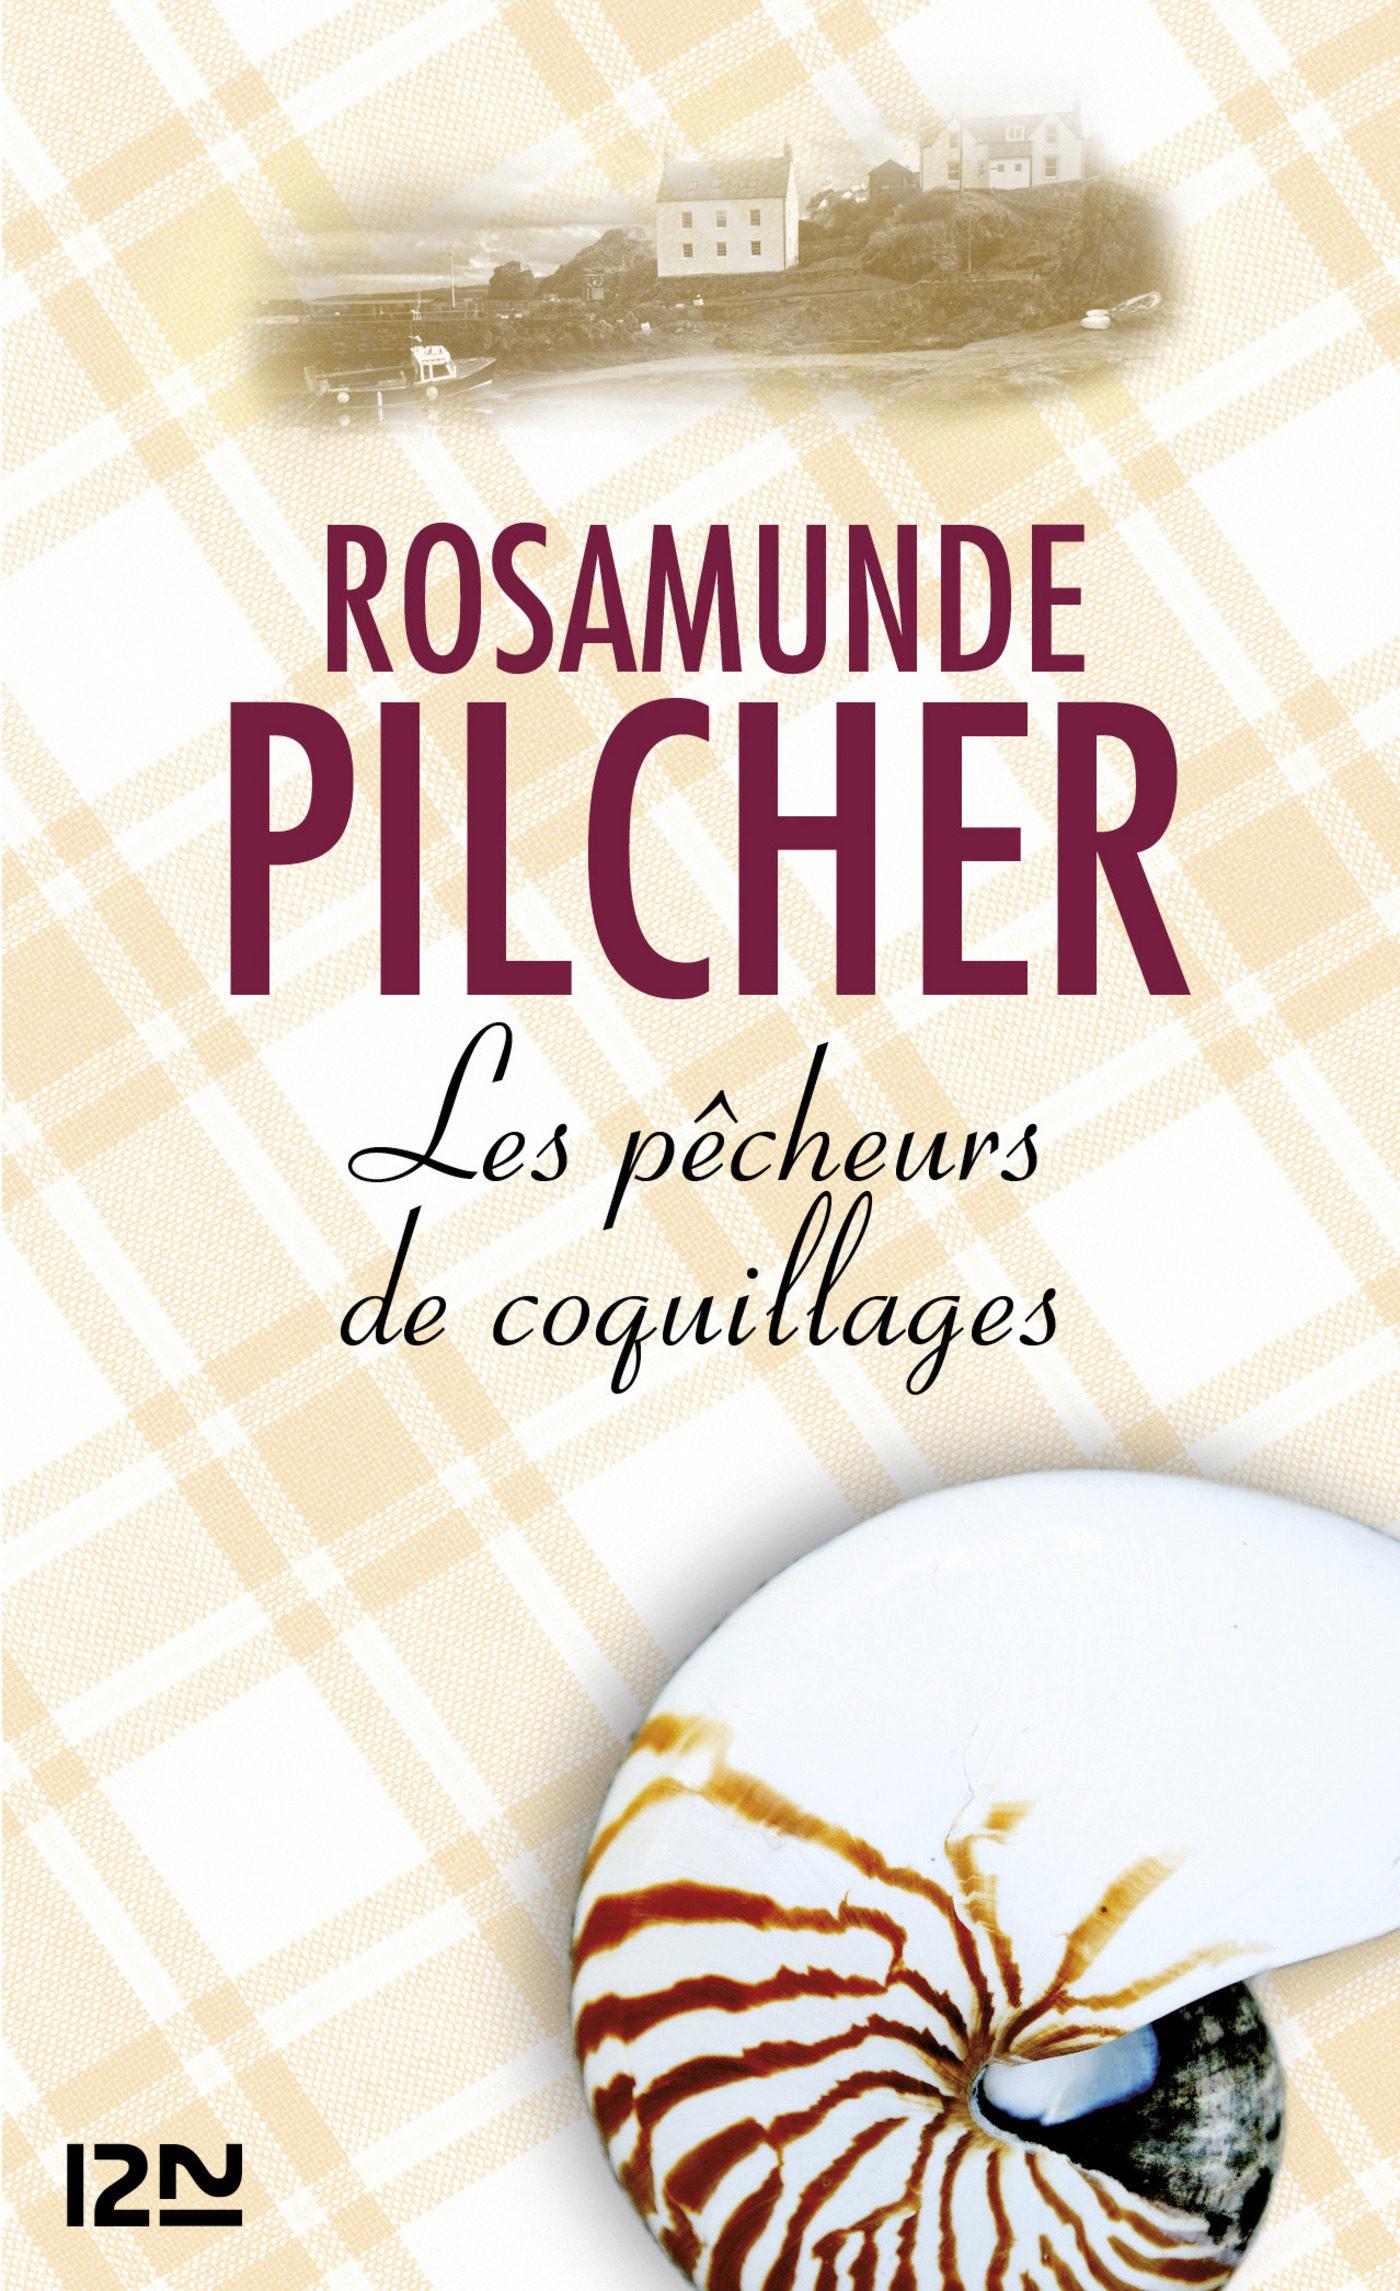 Les pêcheurs de coquillages - Rosamunde Pilcher